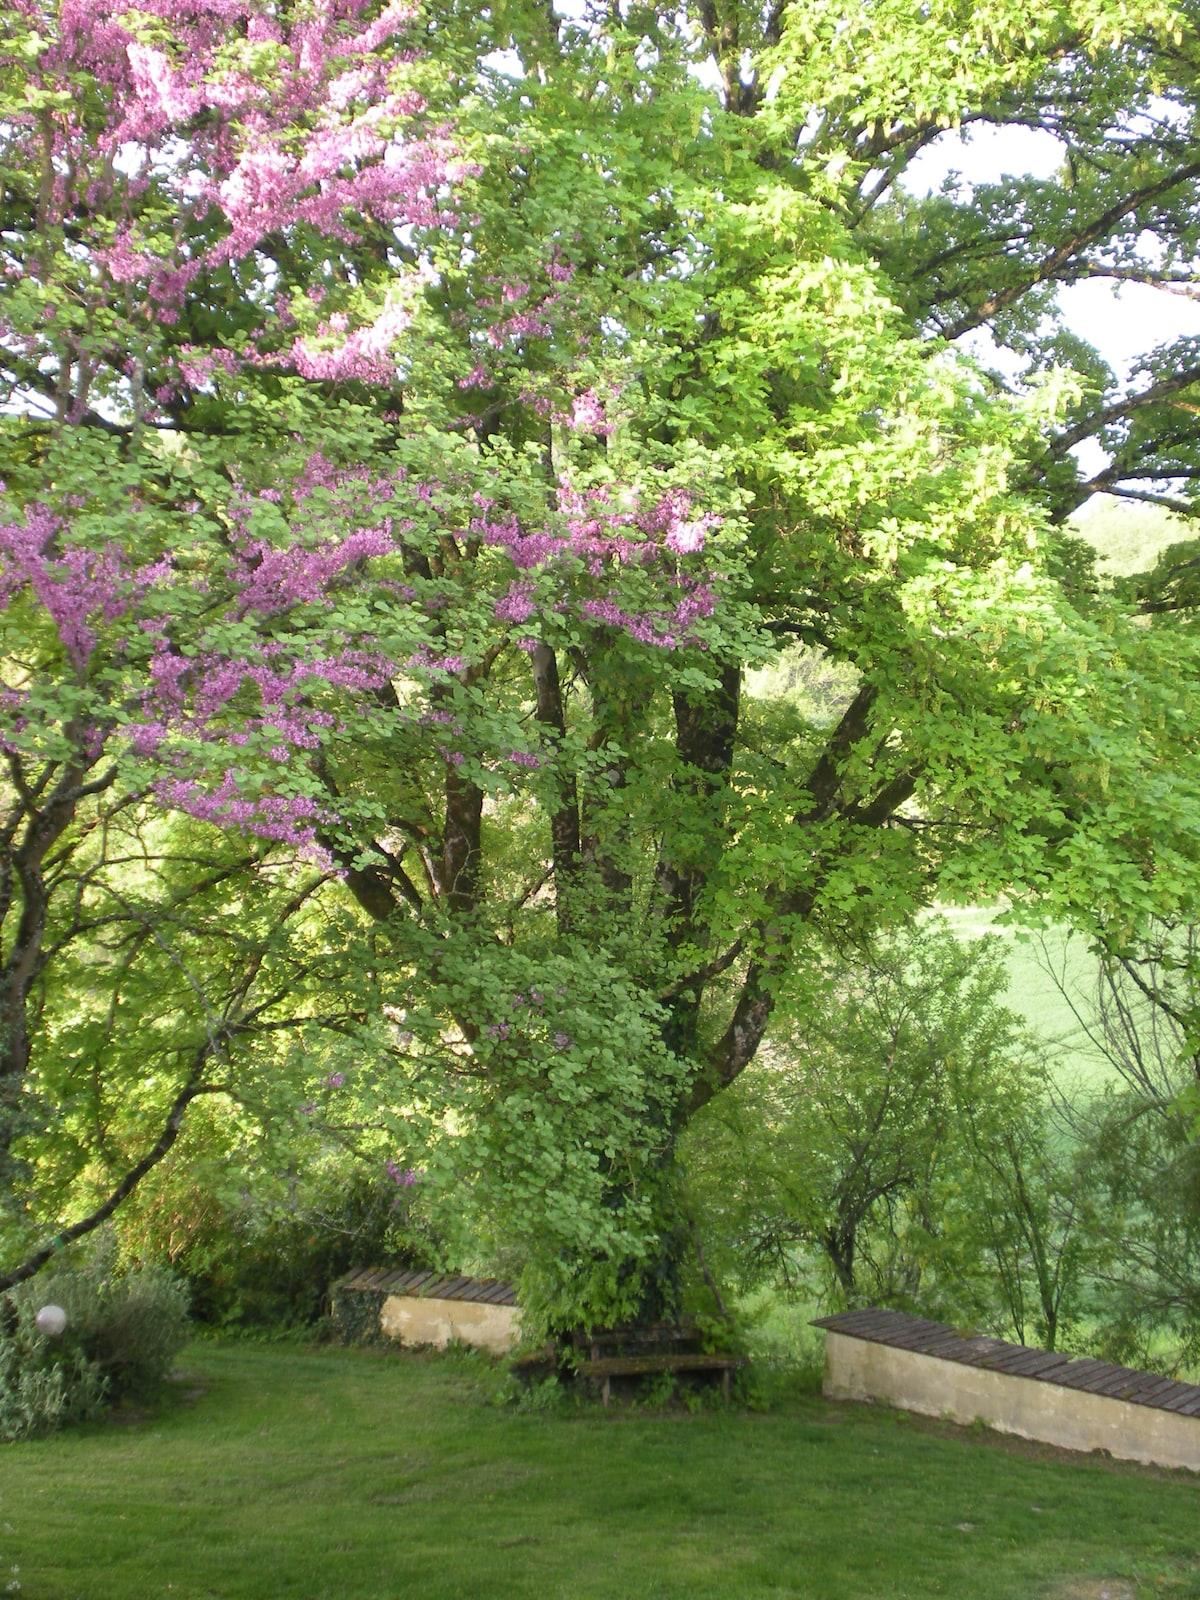 sycamore and judas tree